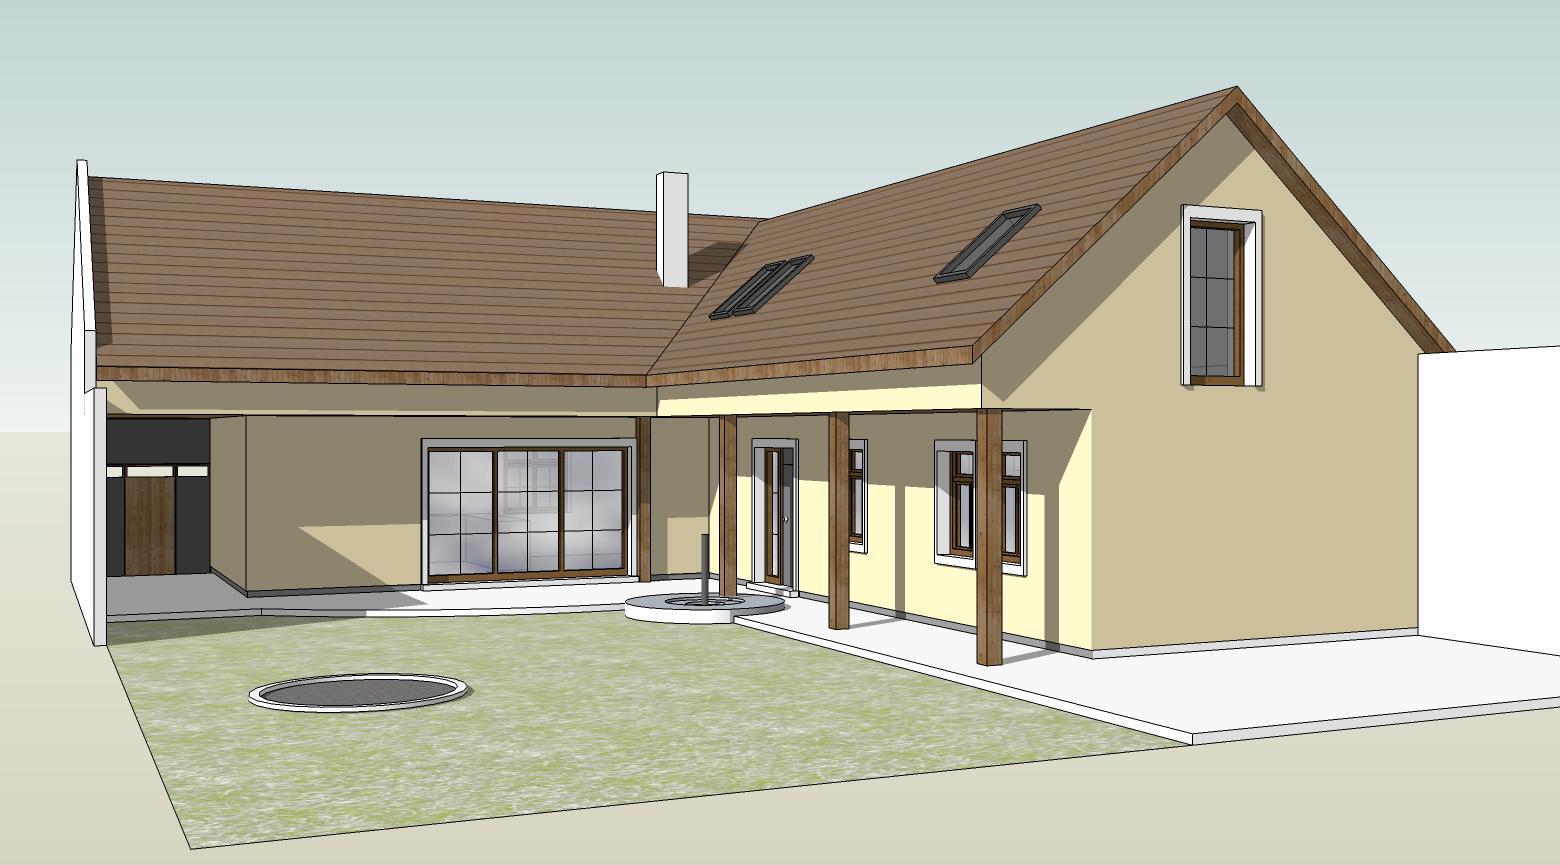 Náš budúci domov - rekonštrukcia rodinného domu - Vizualizácia - fáza 1